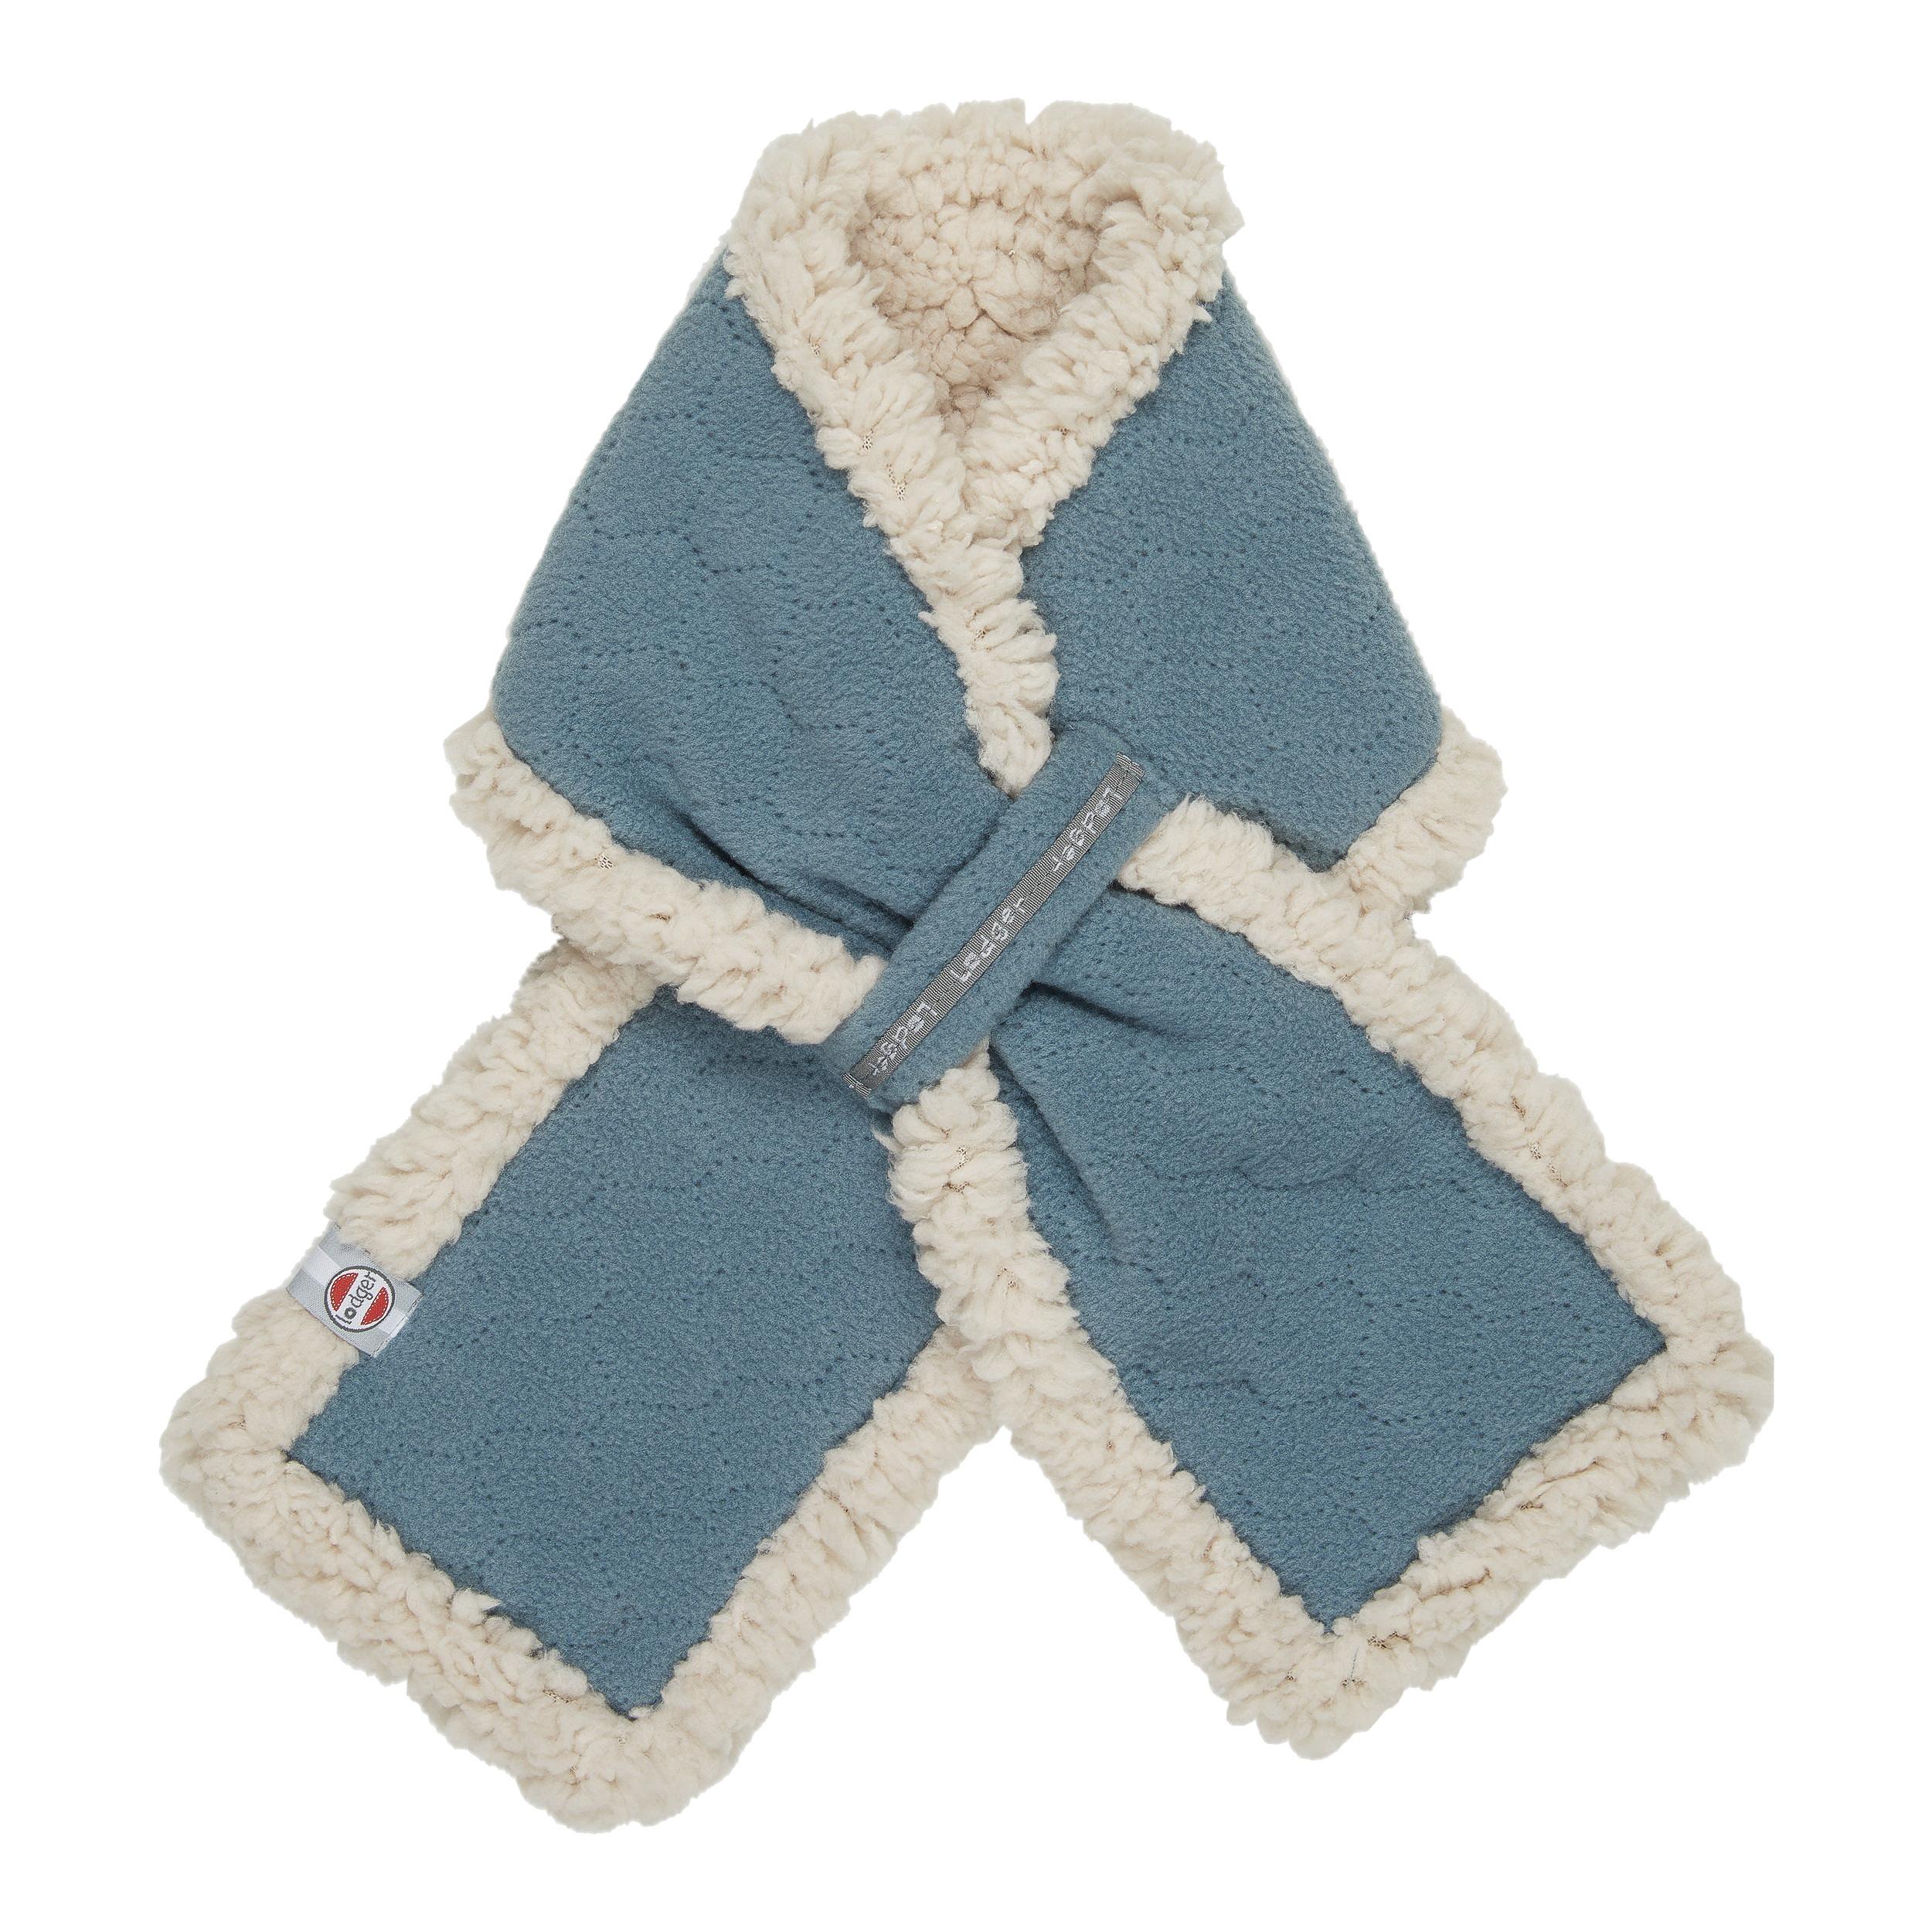 Inteligentny Lodger Muffler to polarowy szalik dla niemowlaków w wieku 0-12 SZ24